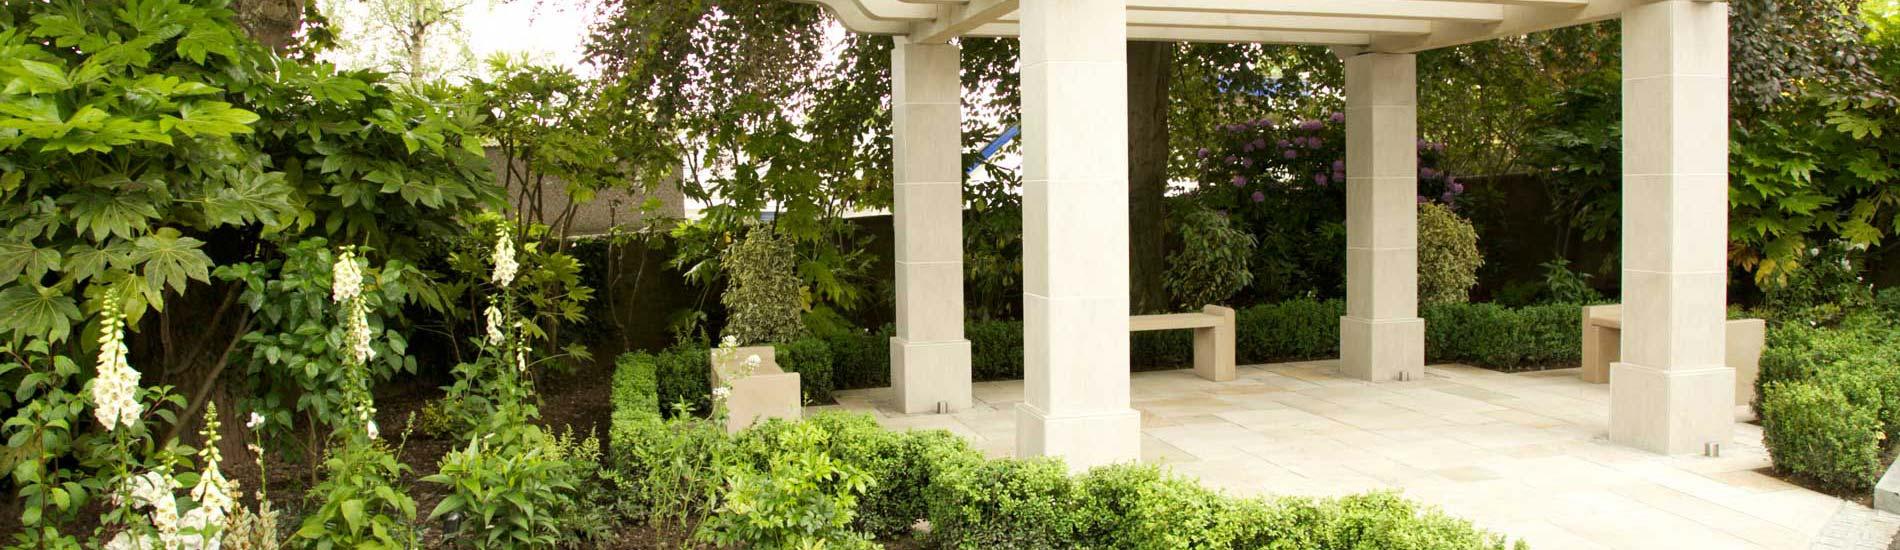 Garden design company scotland gardens design aberdeen for Garden design ideas scotland